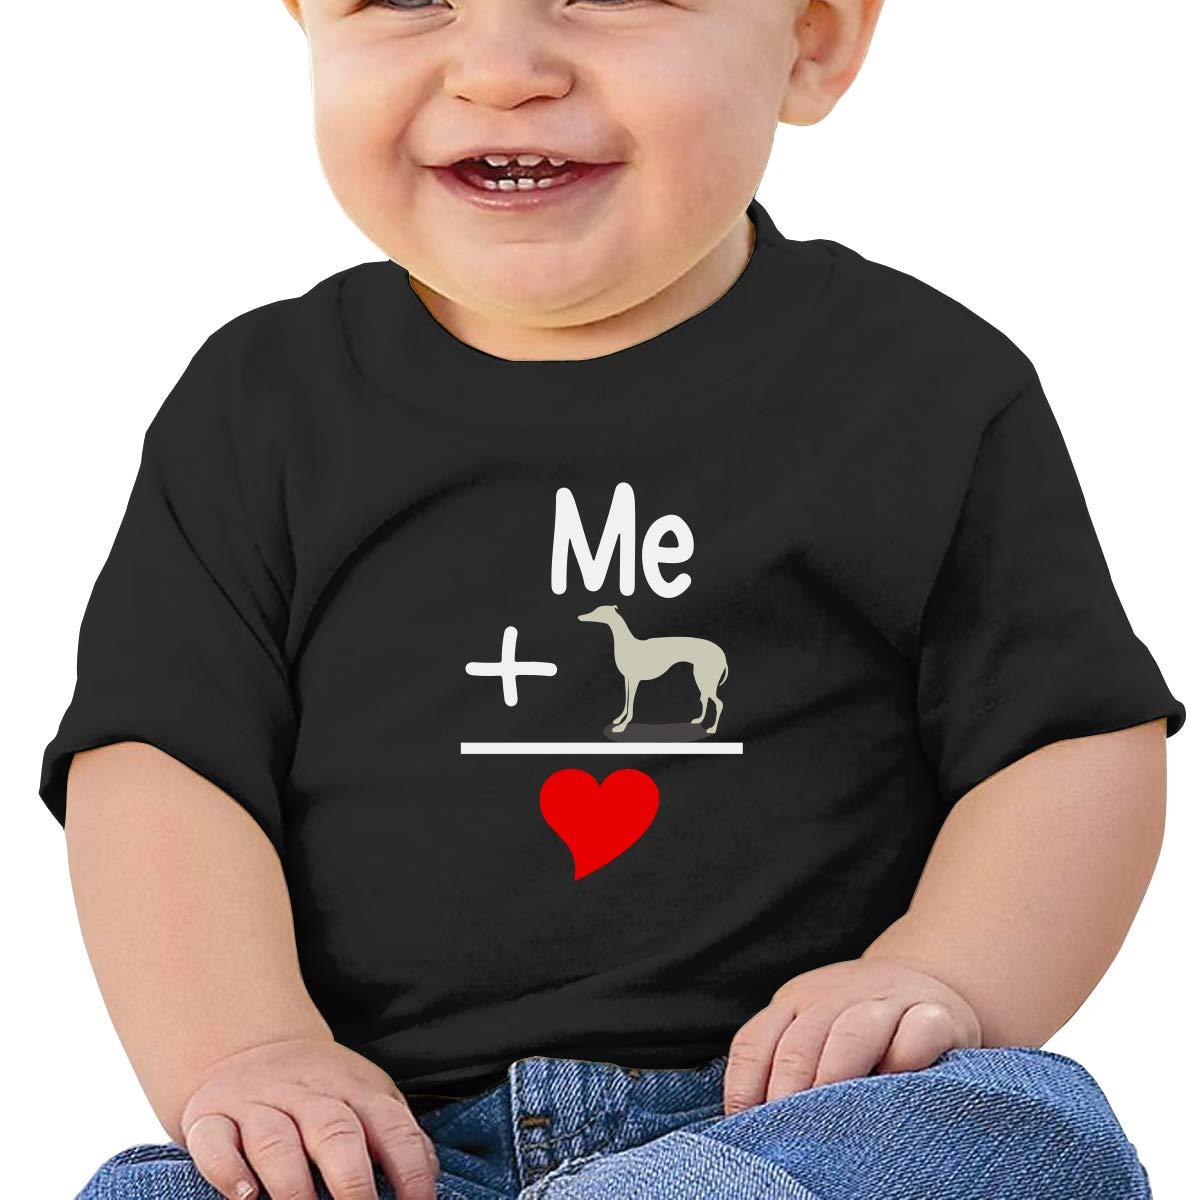 I Love Greyhound Baby Boy Newborn Short Sleeve T-Shirt 6-24 Month Soft Tops Greyhound